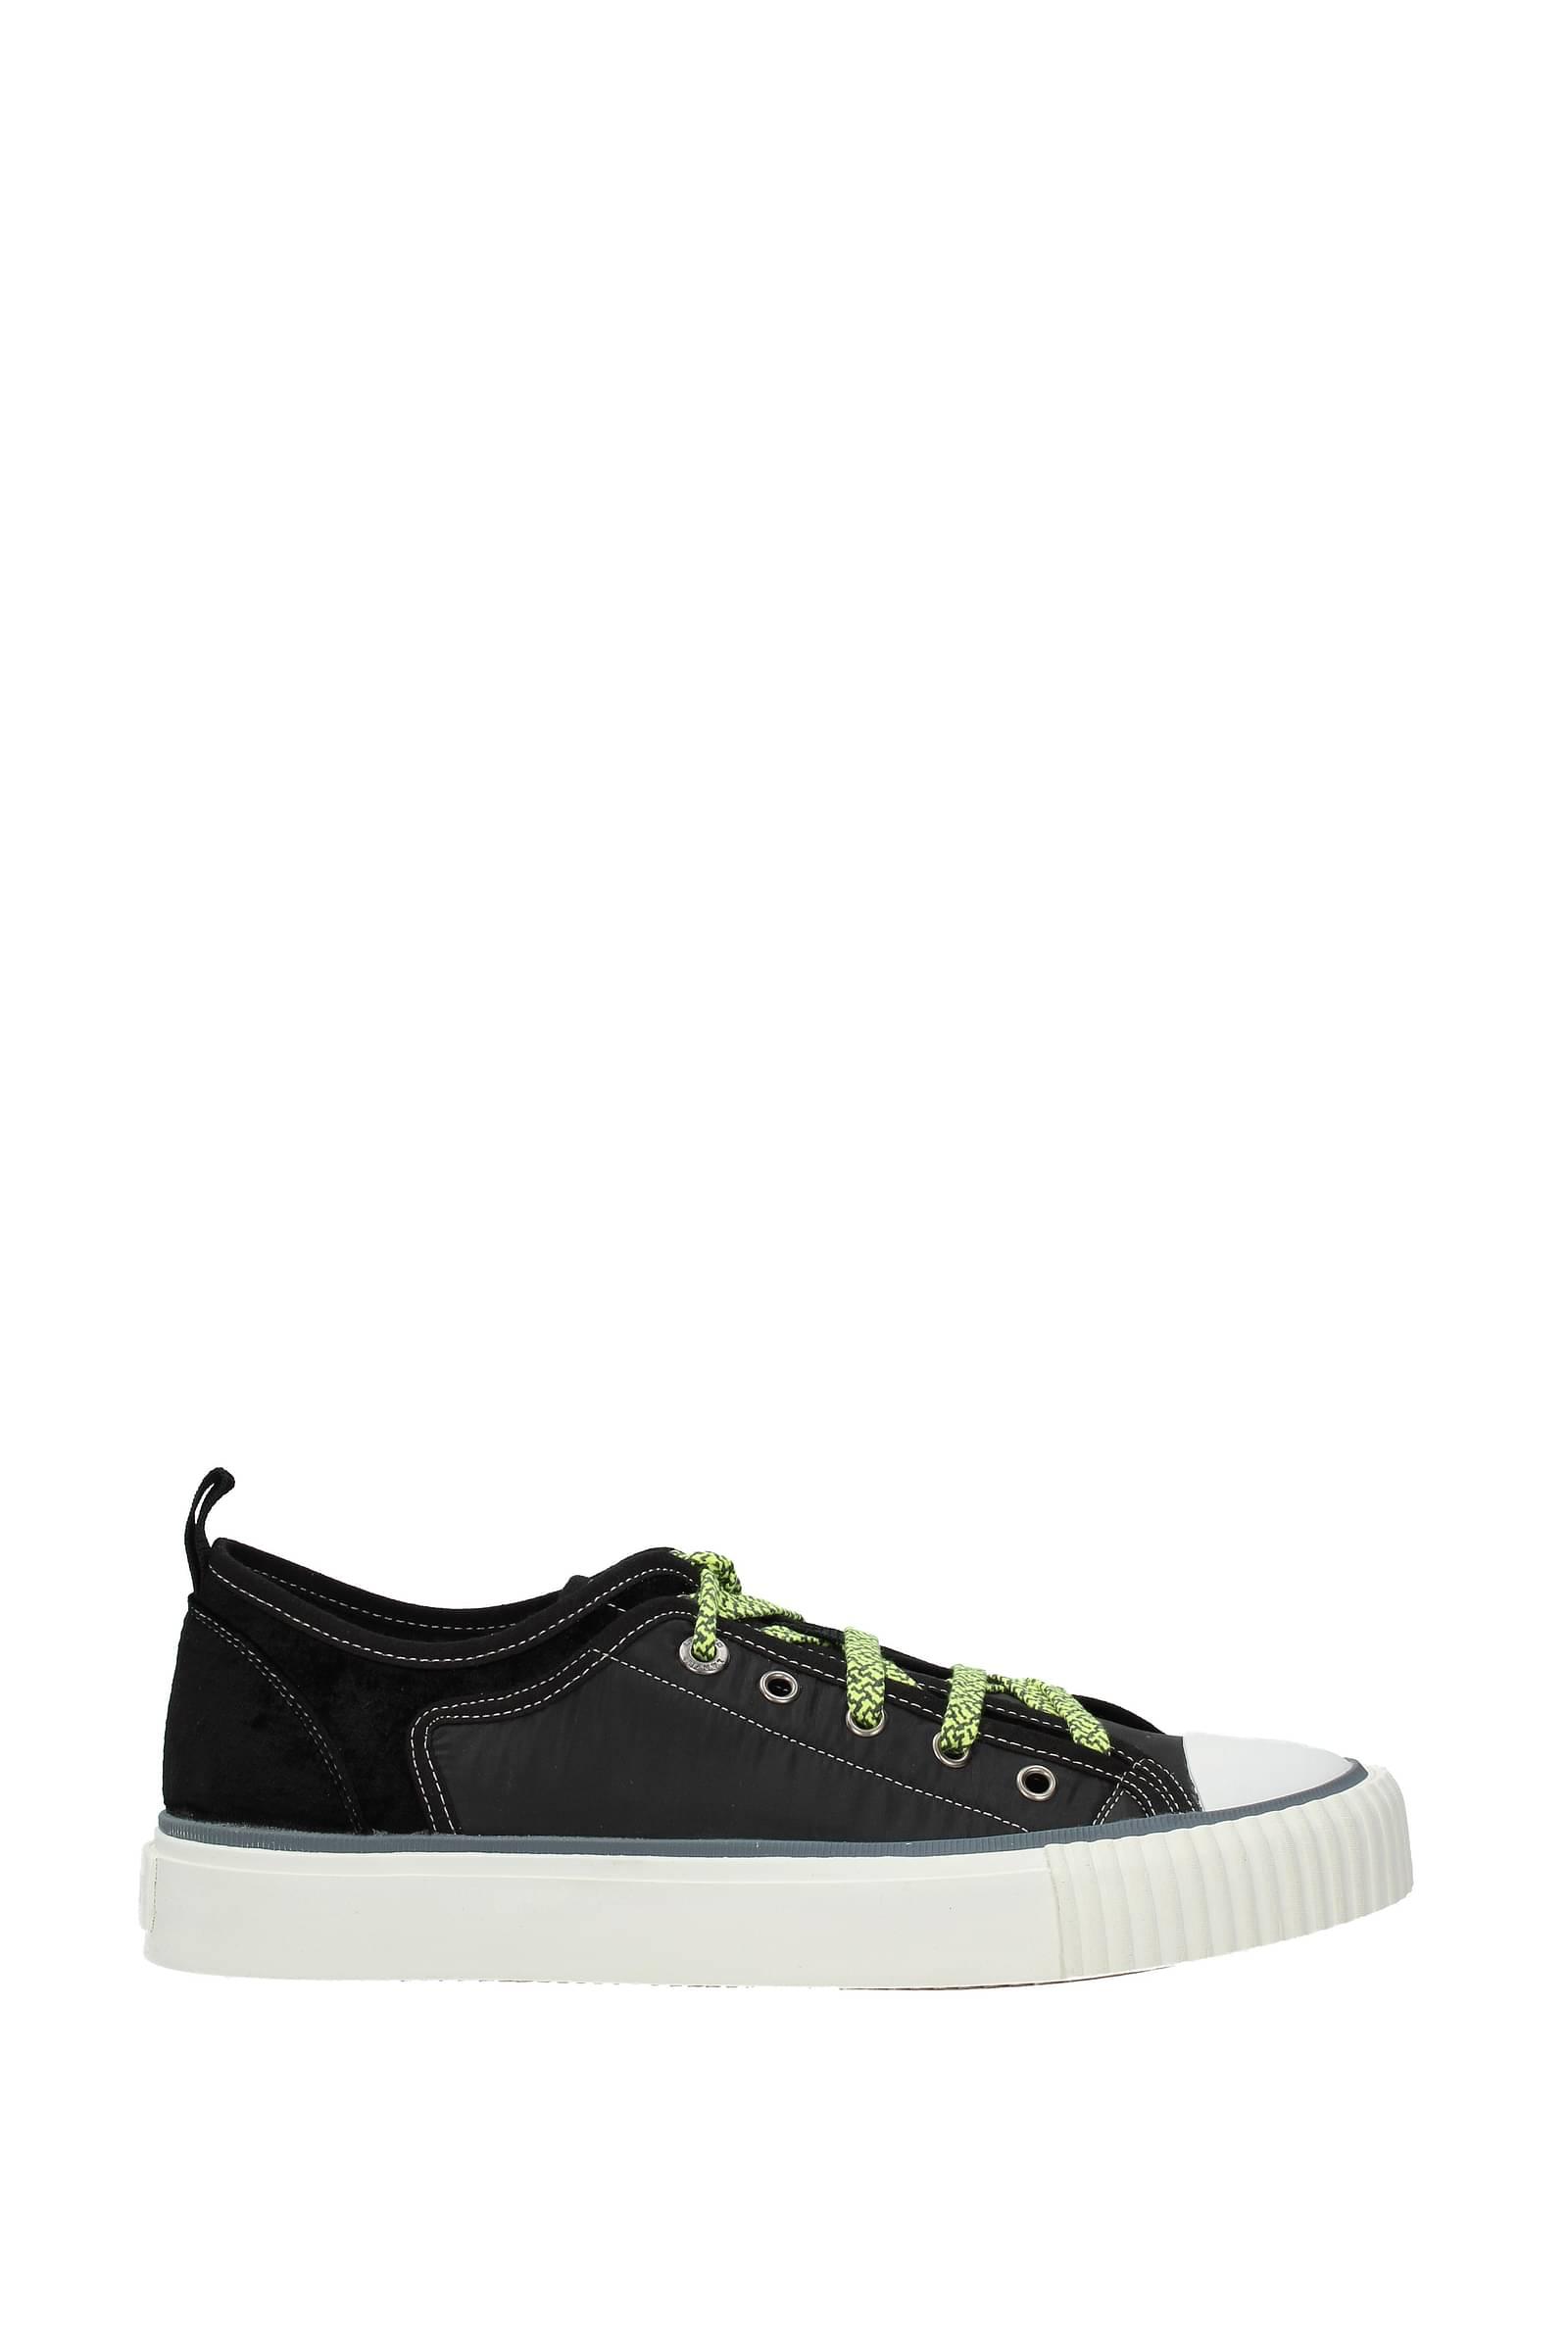 Lanvin: scarpe, borse ed accessori scontati | B Exit